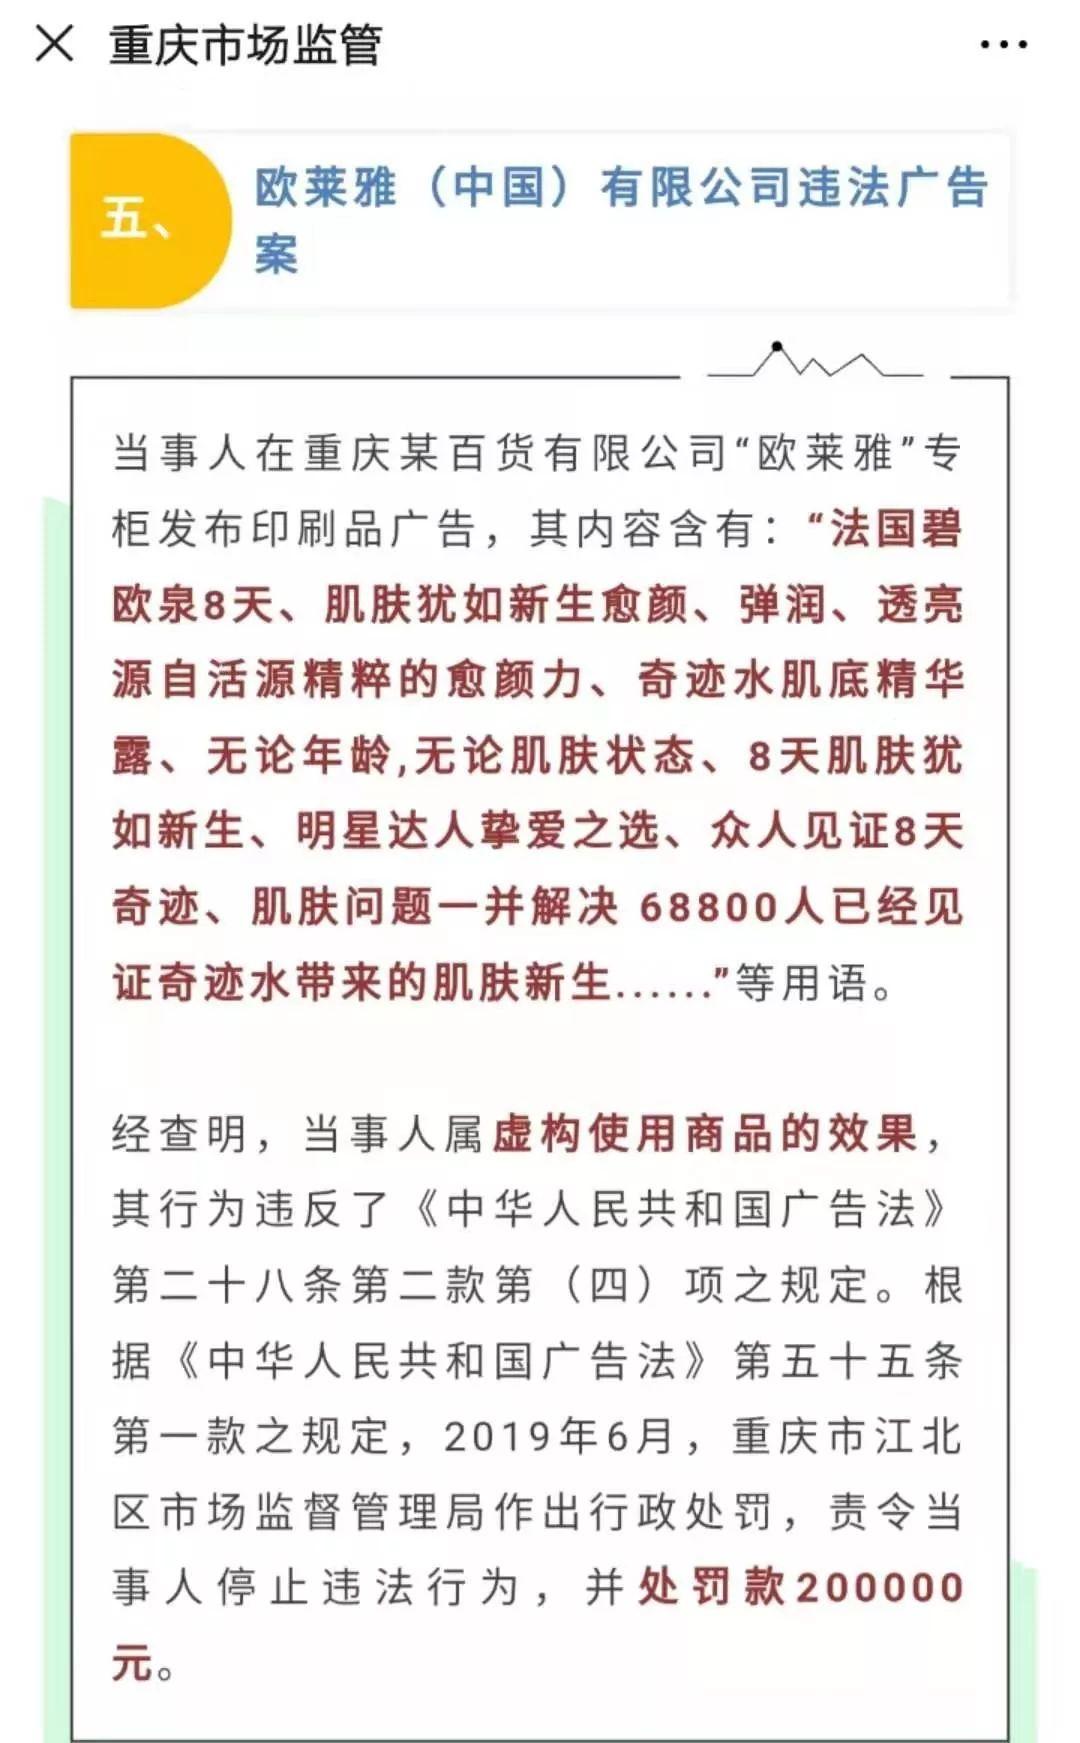 ▲十大虚假违法广告典型通告 来源:重庆市场监管微信公众号截图